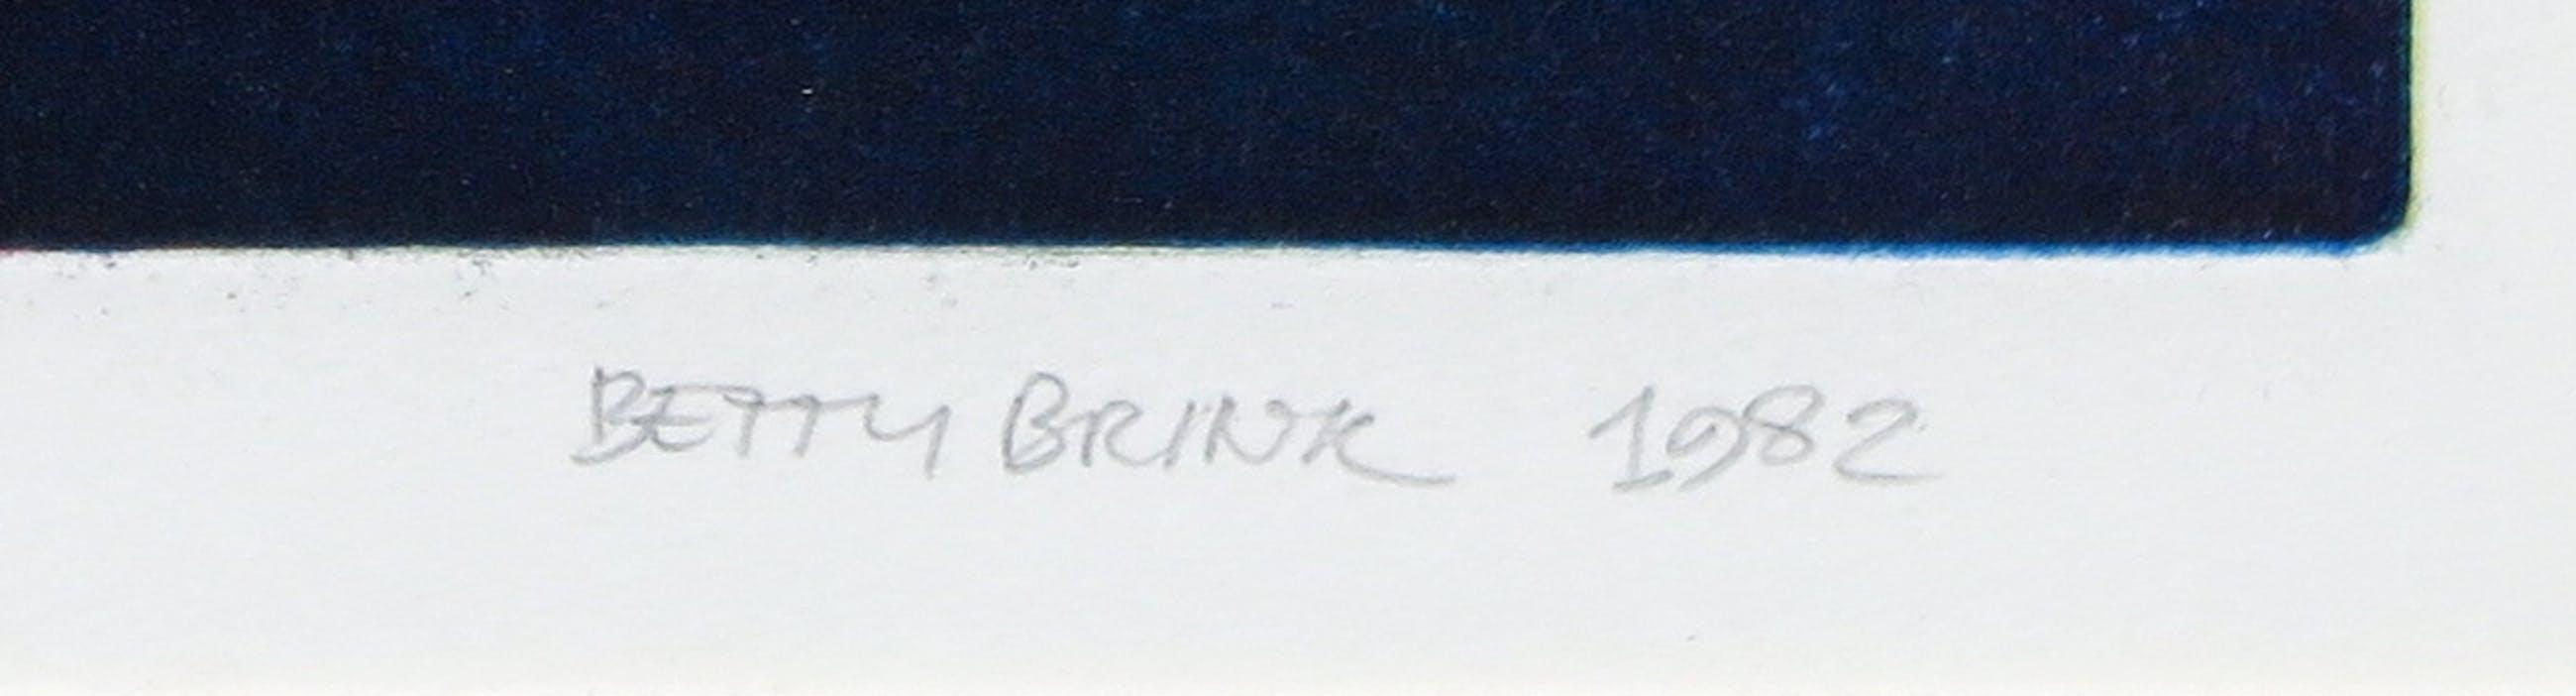 Betty Brink - Ets en aquatint, Zonder titel - Ingelijst kopen? Bied vanaf 35!